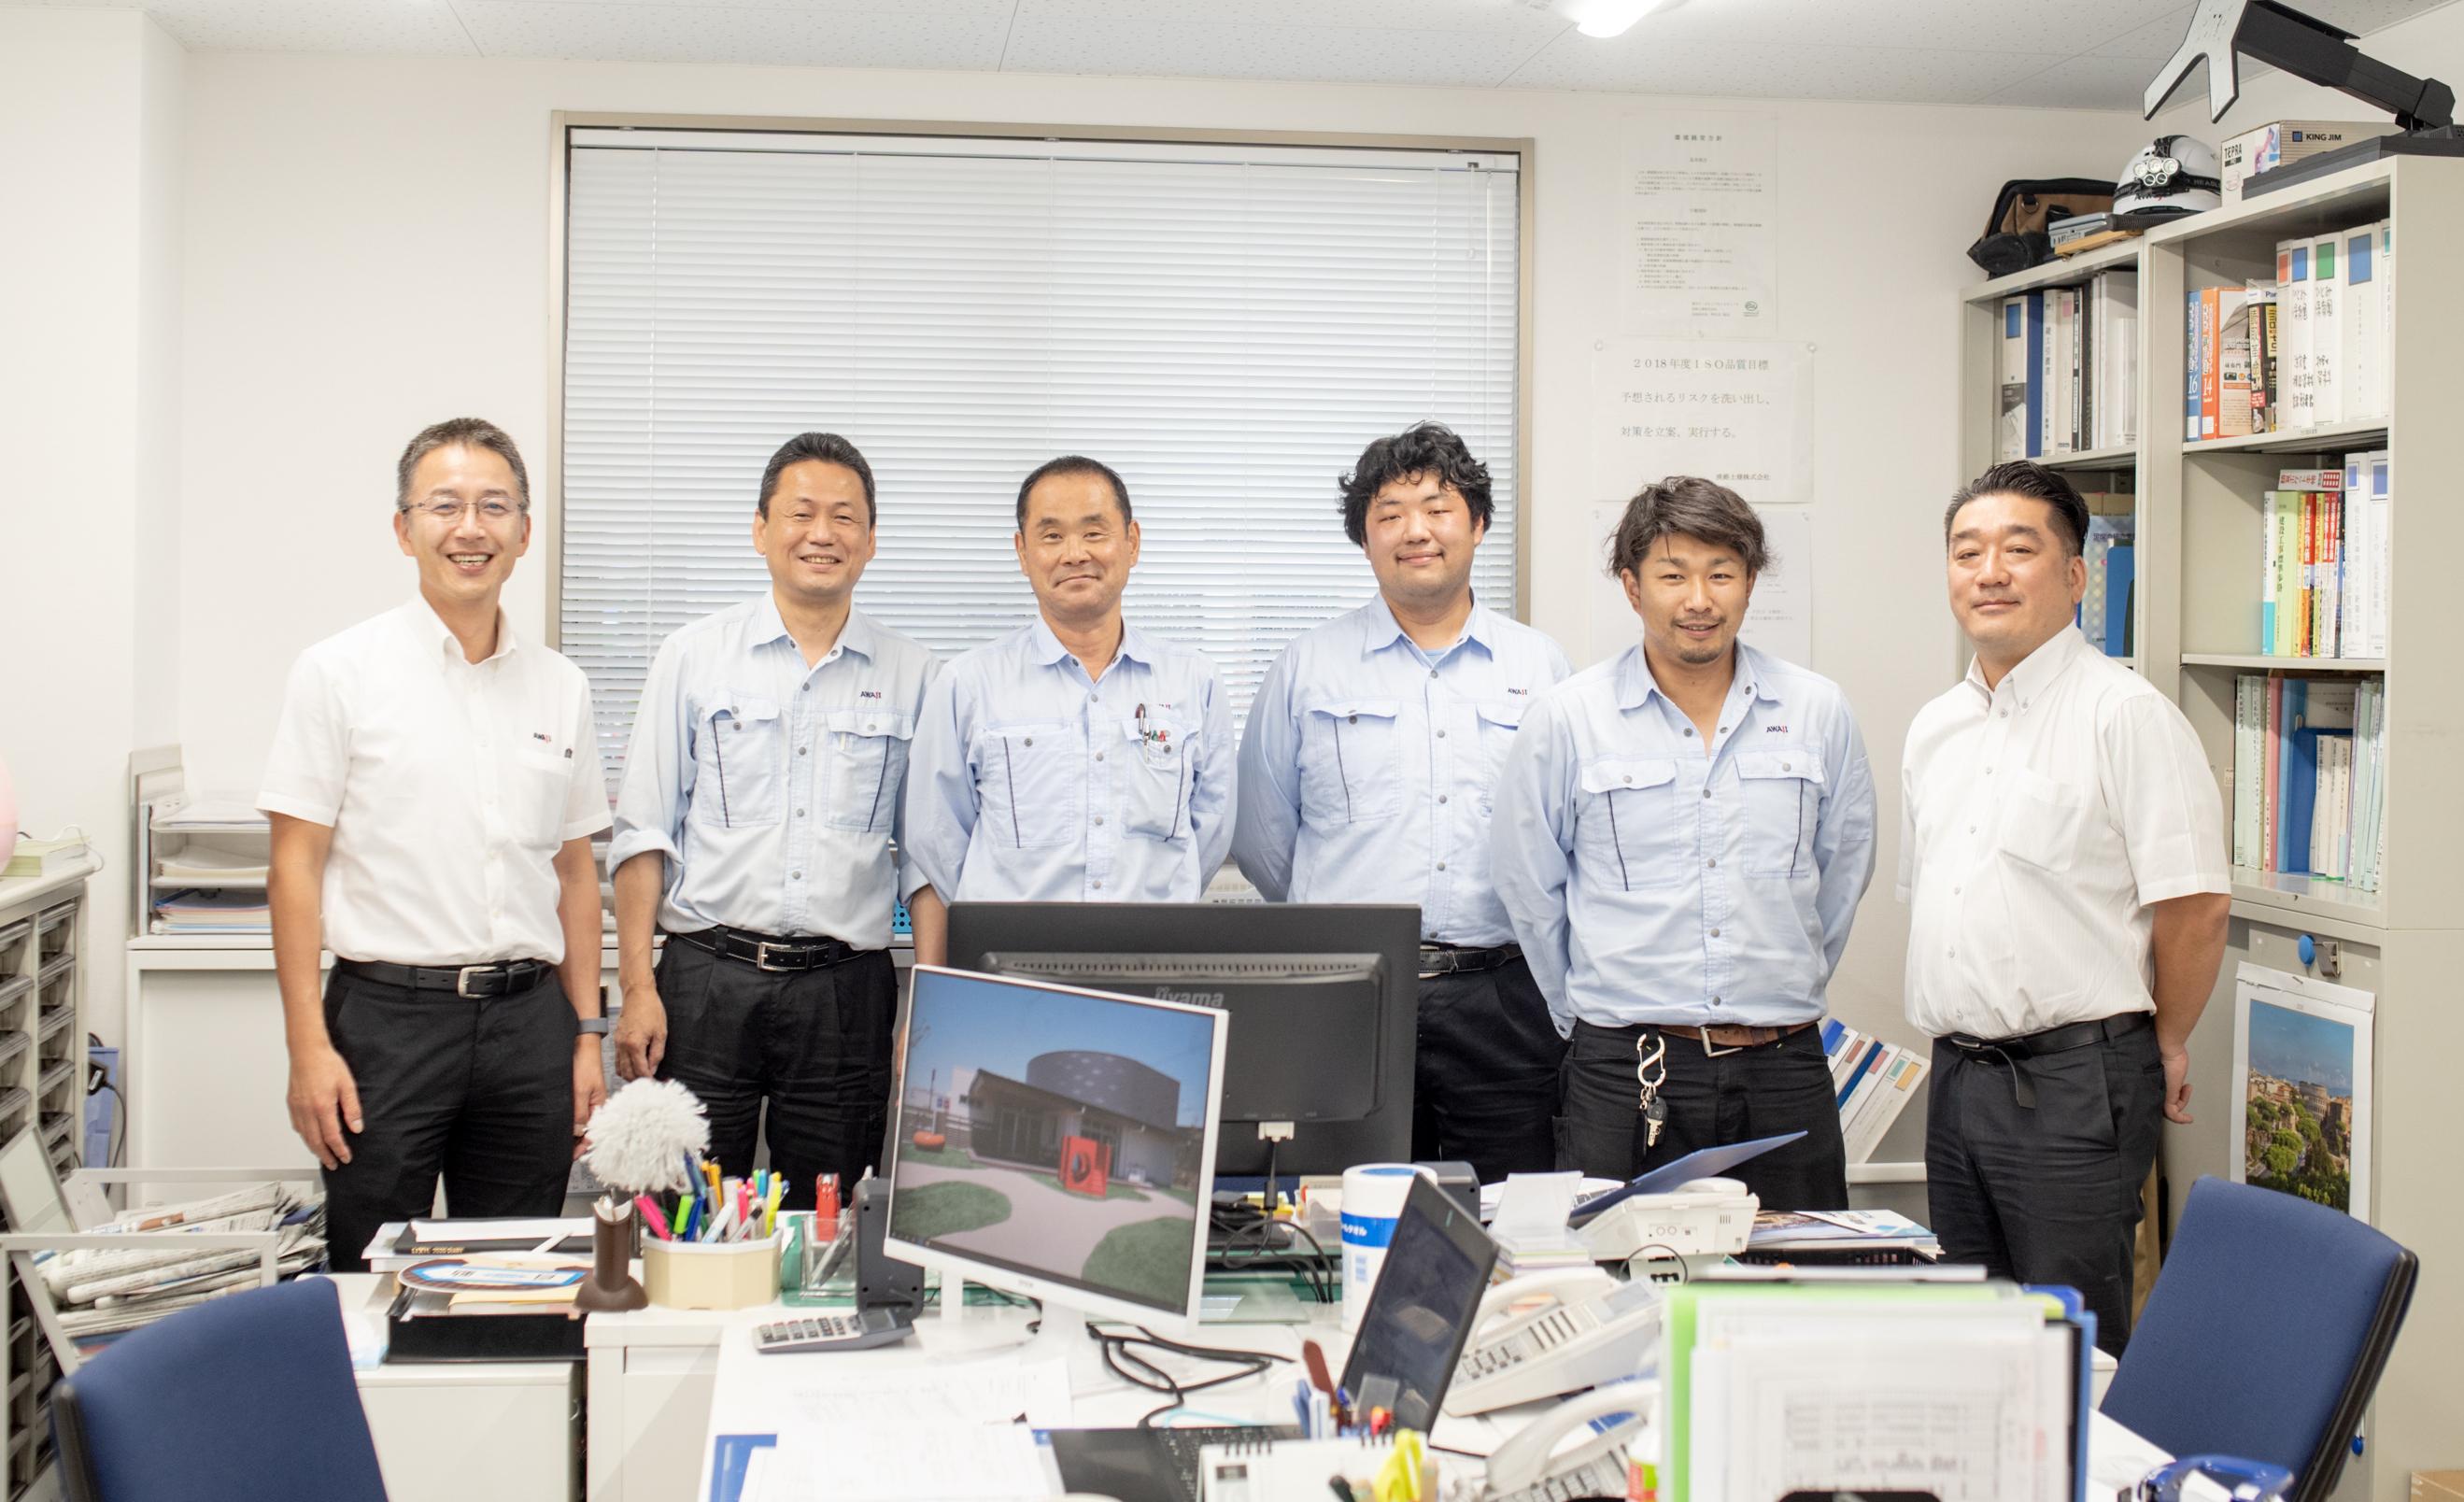 会社の魅力、淡路島で働く魅力を届けたい。